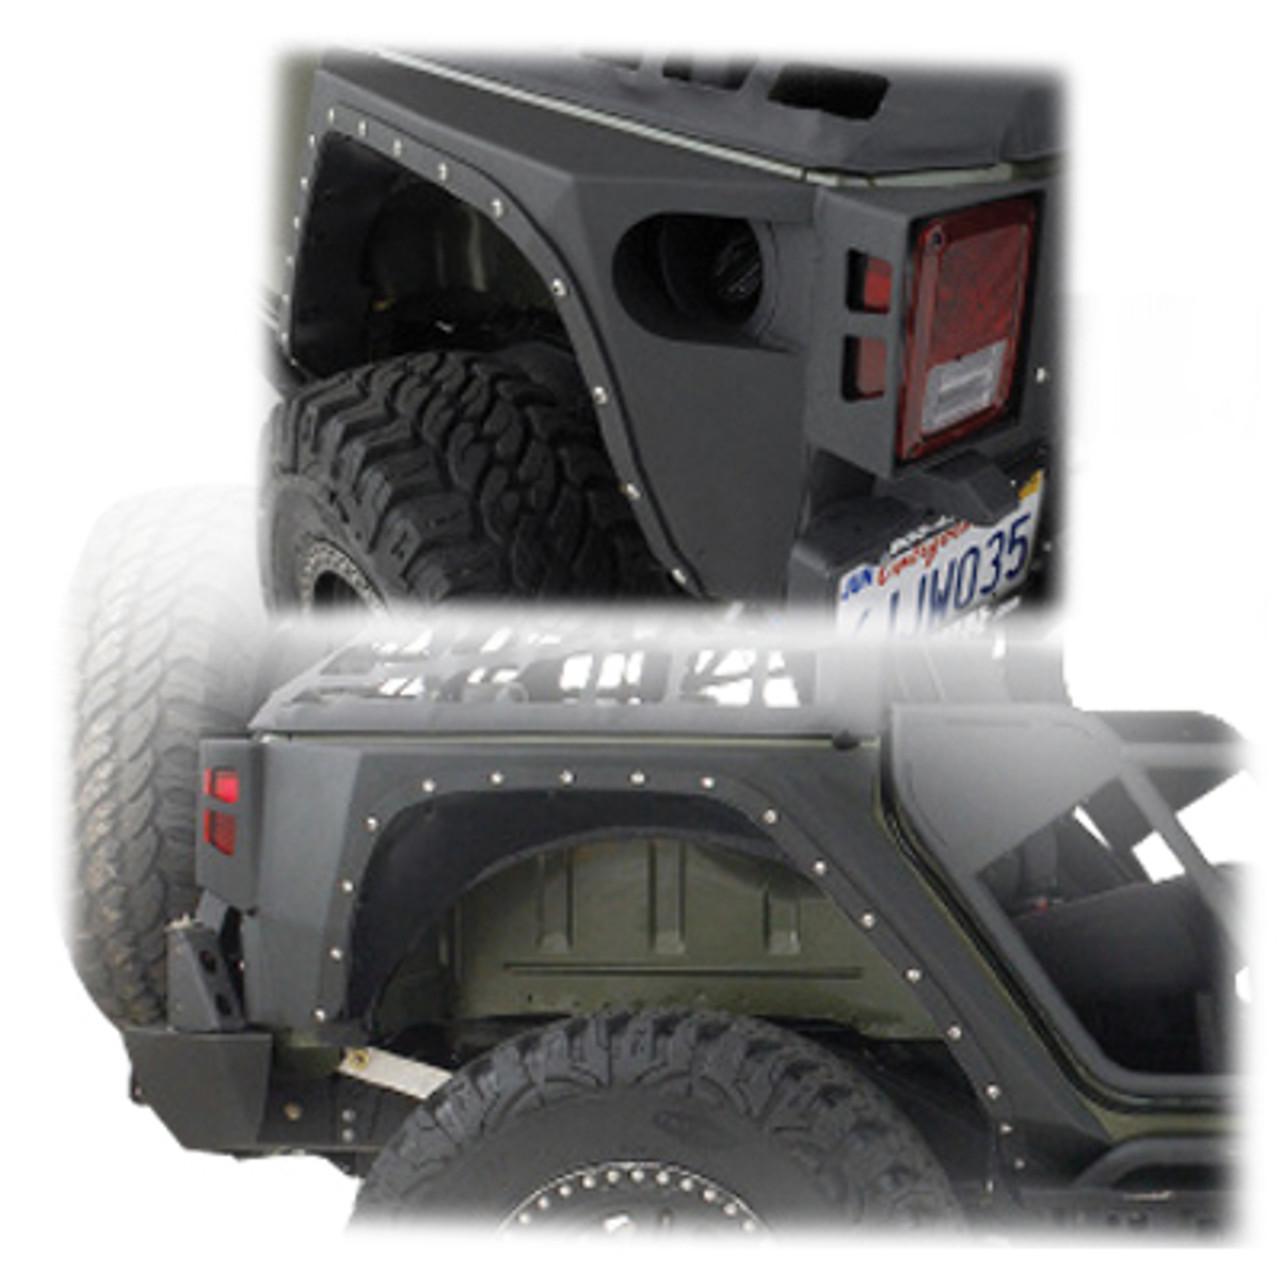 Smittybilt XRC Rear Corner Armor Fender Kit for Wrangler JK